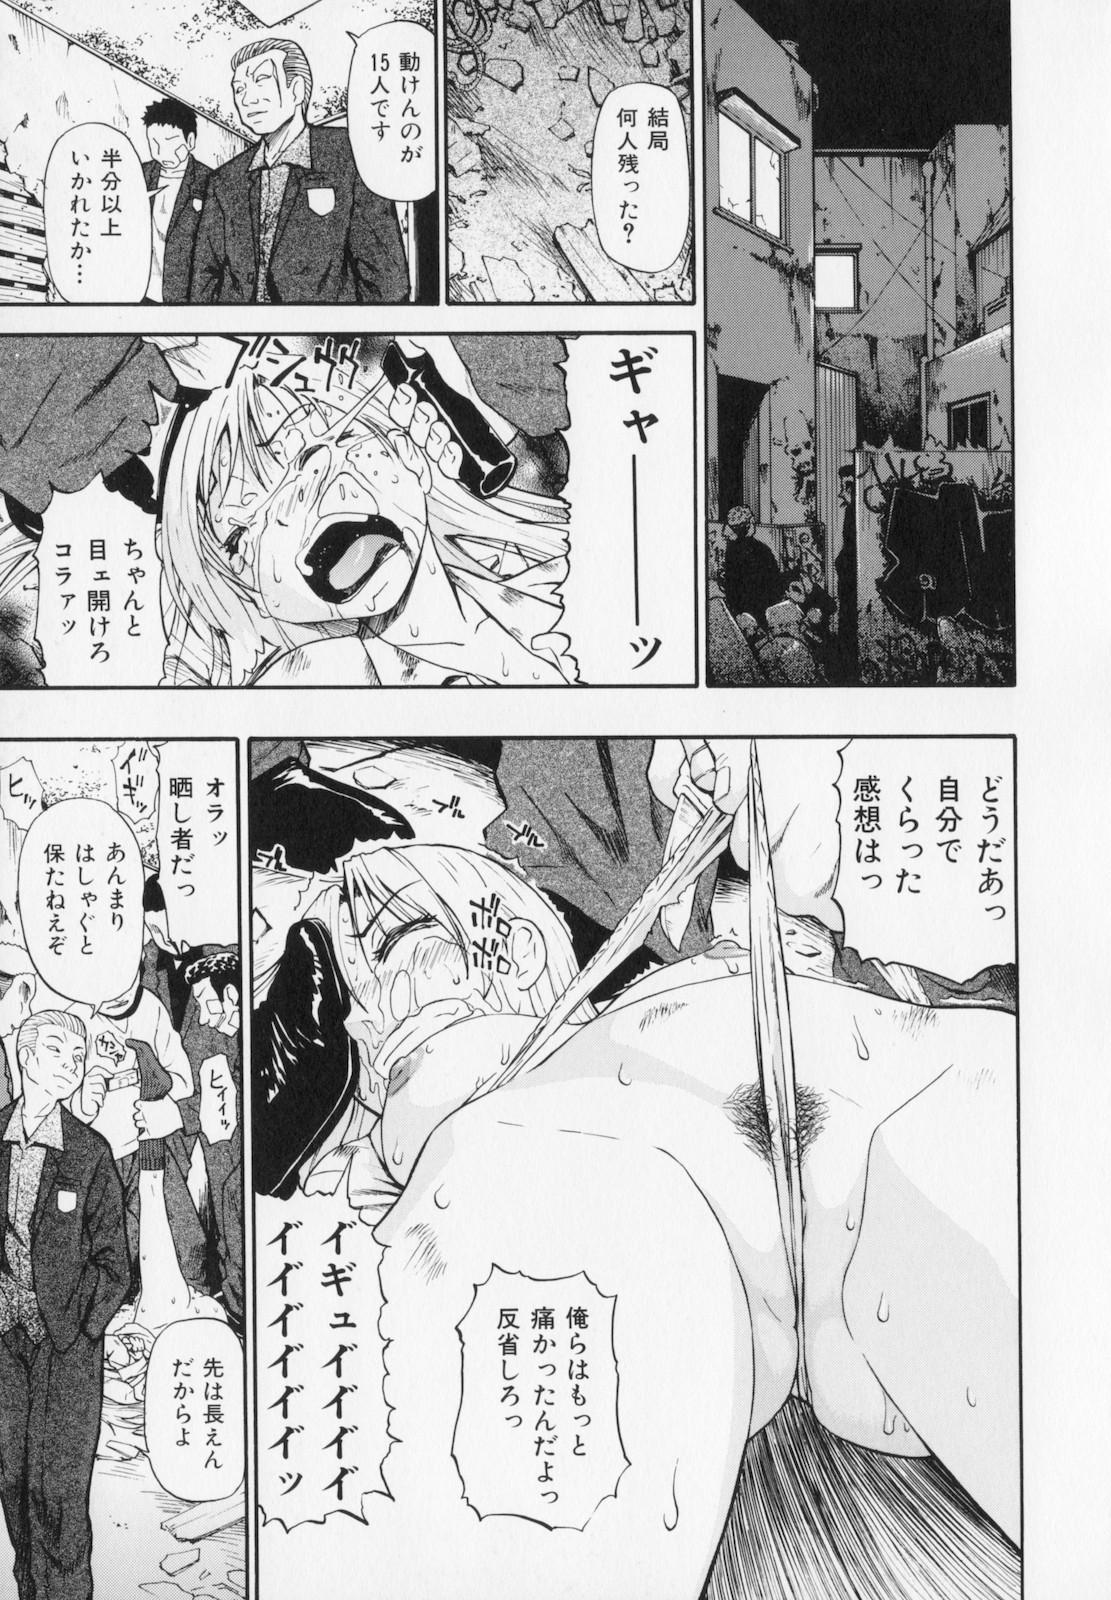 Hitodenashi no Utage - Veranstaltungsräume von Brute 34